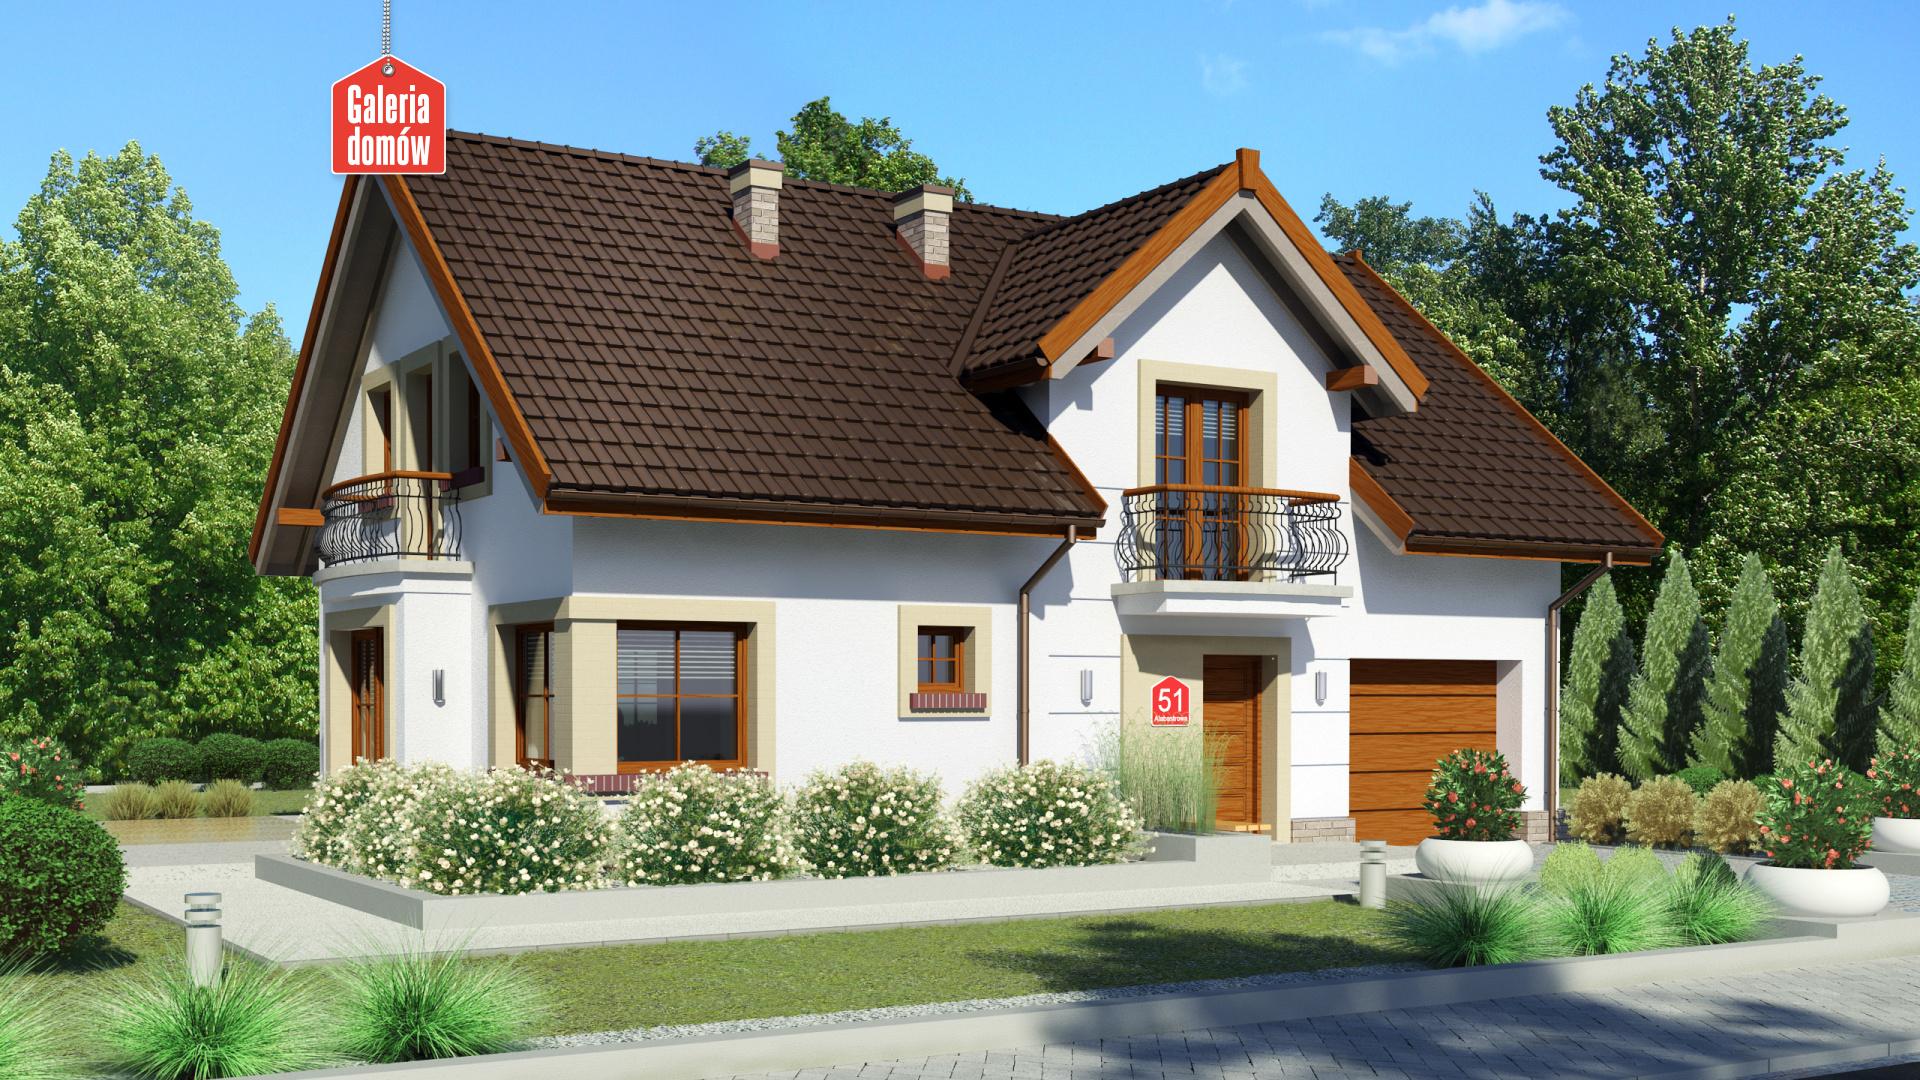 Dom przy Alabastrowej 51 - zdjęcie projektu i wizualizacja